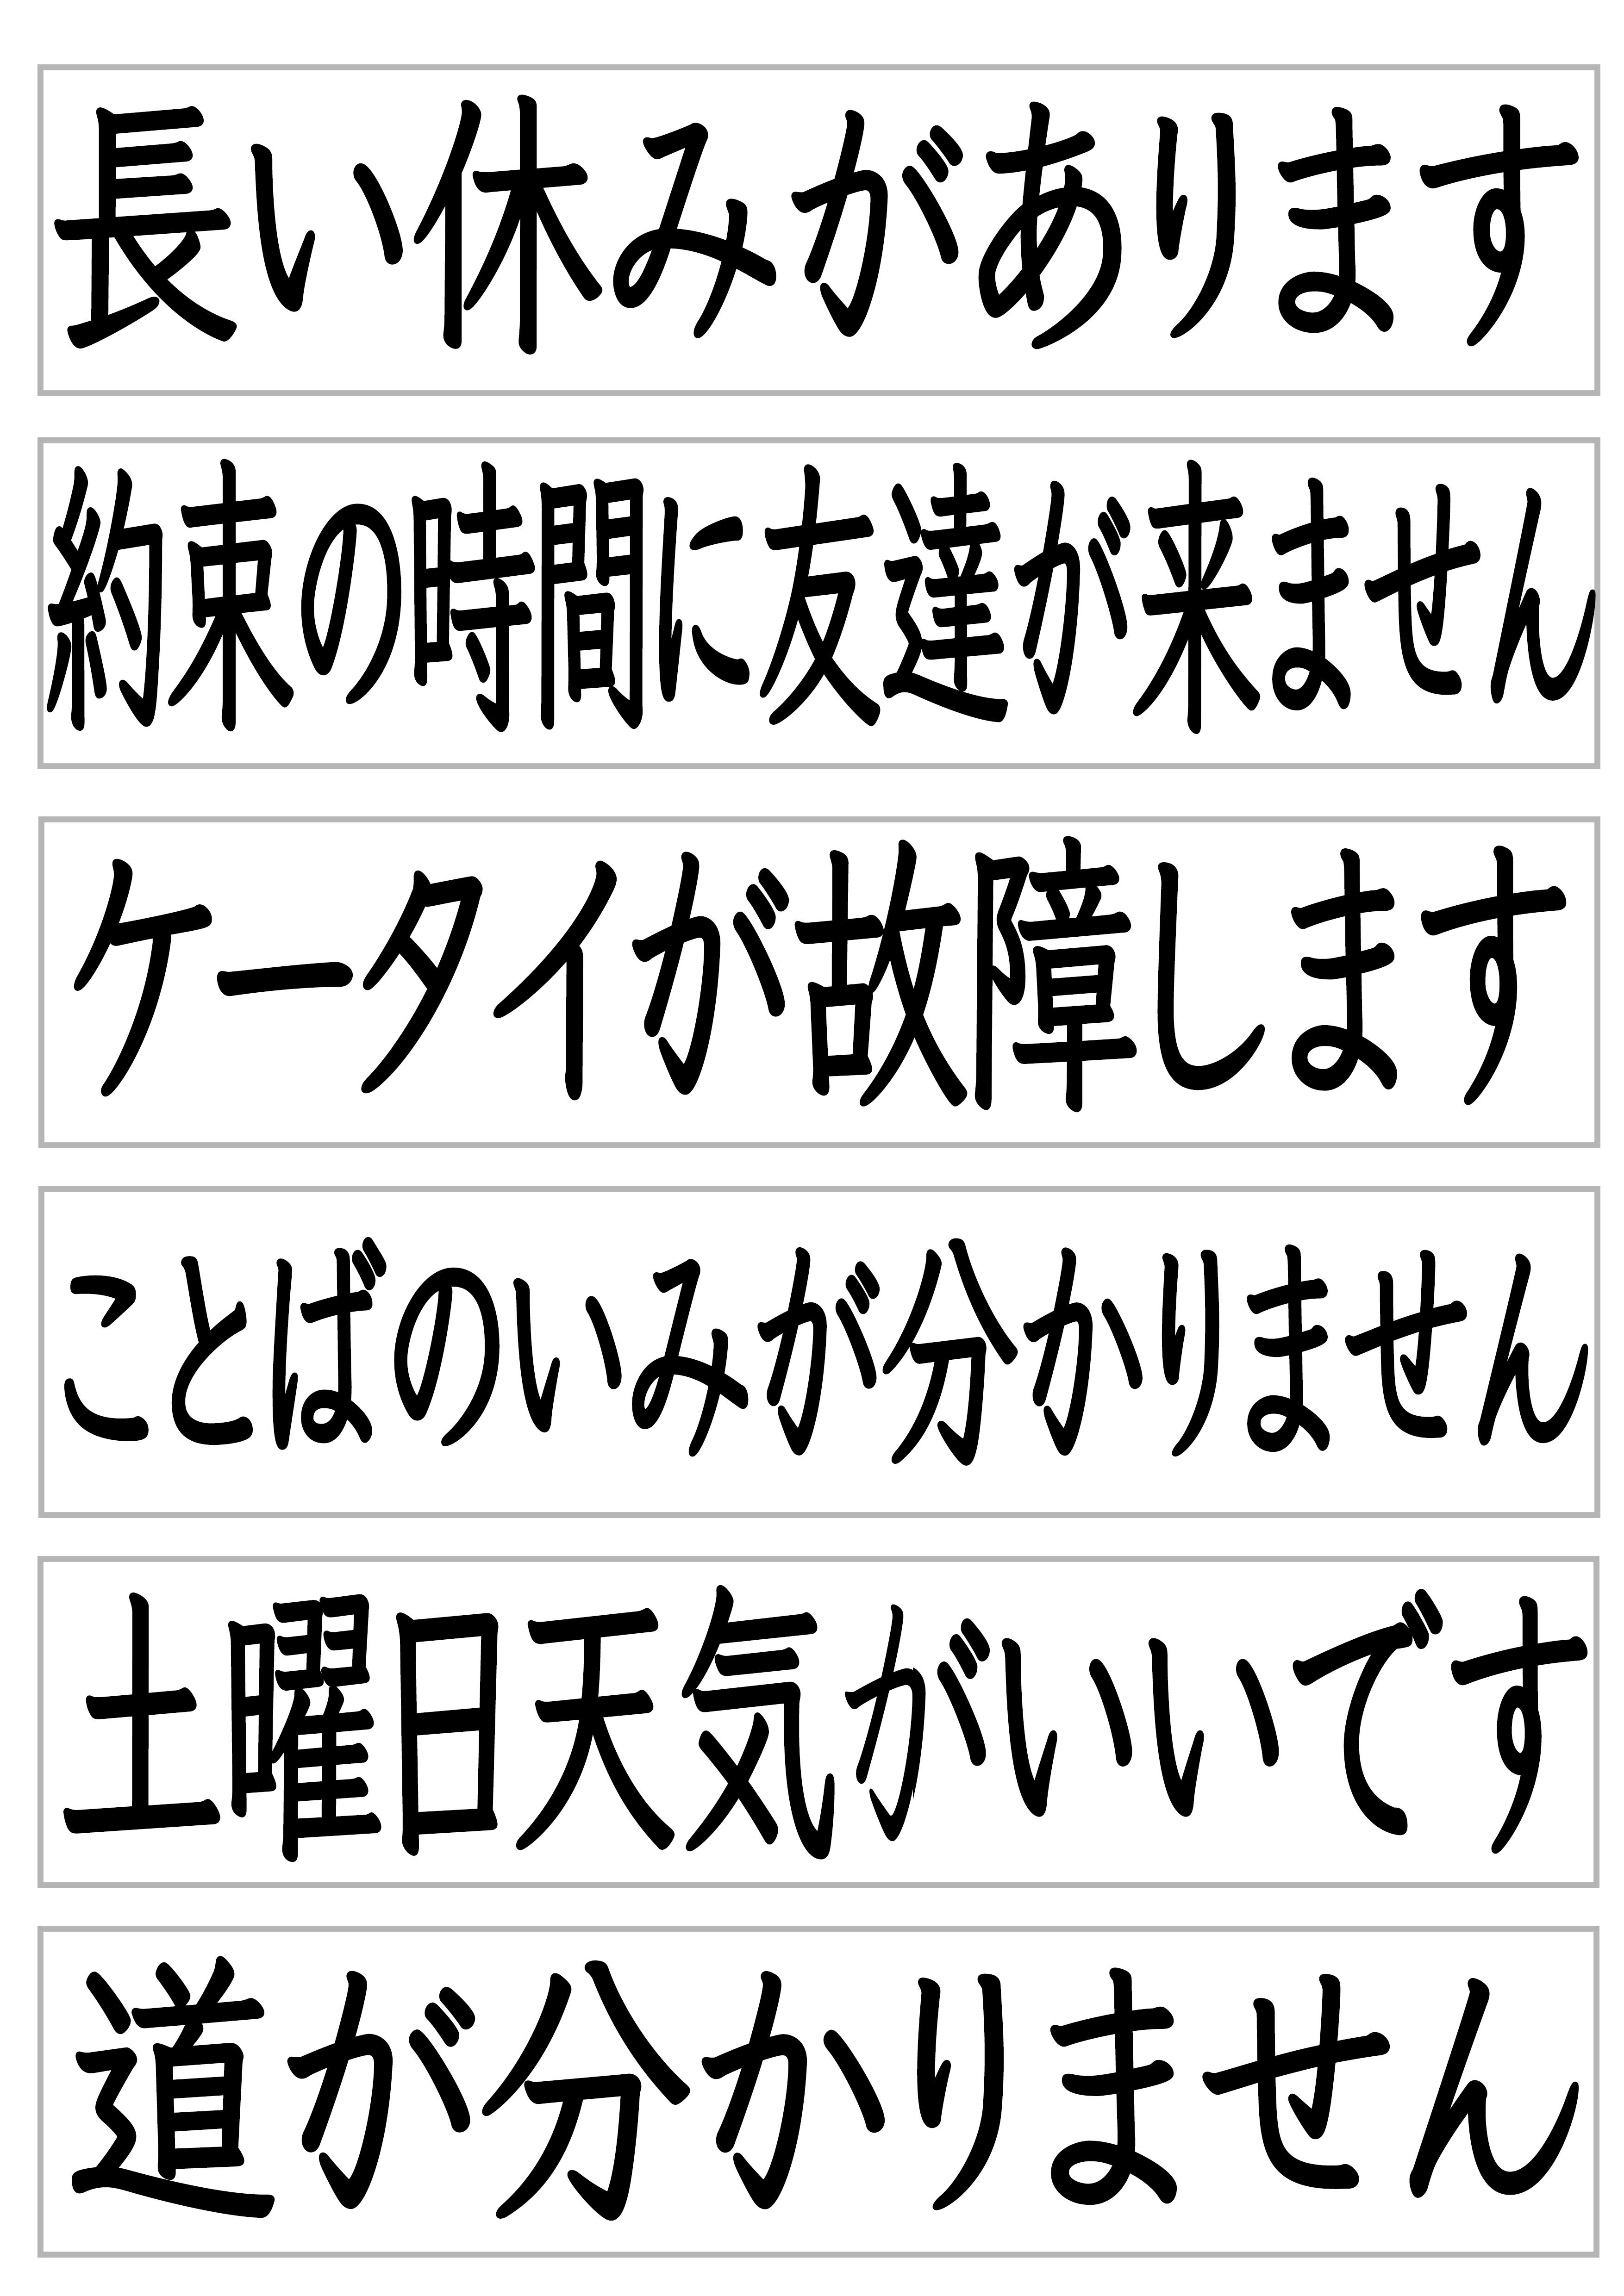 25課文字カード【変形練習用】